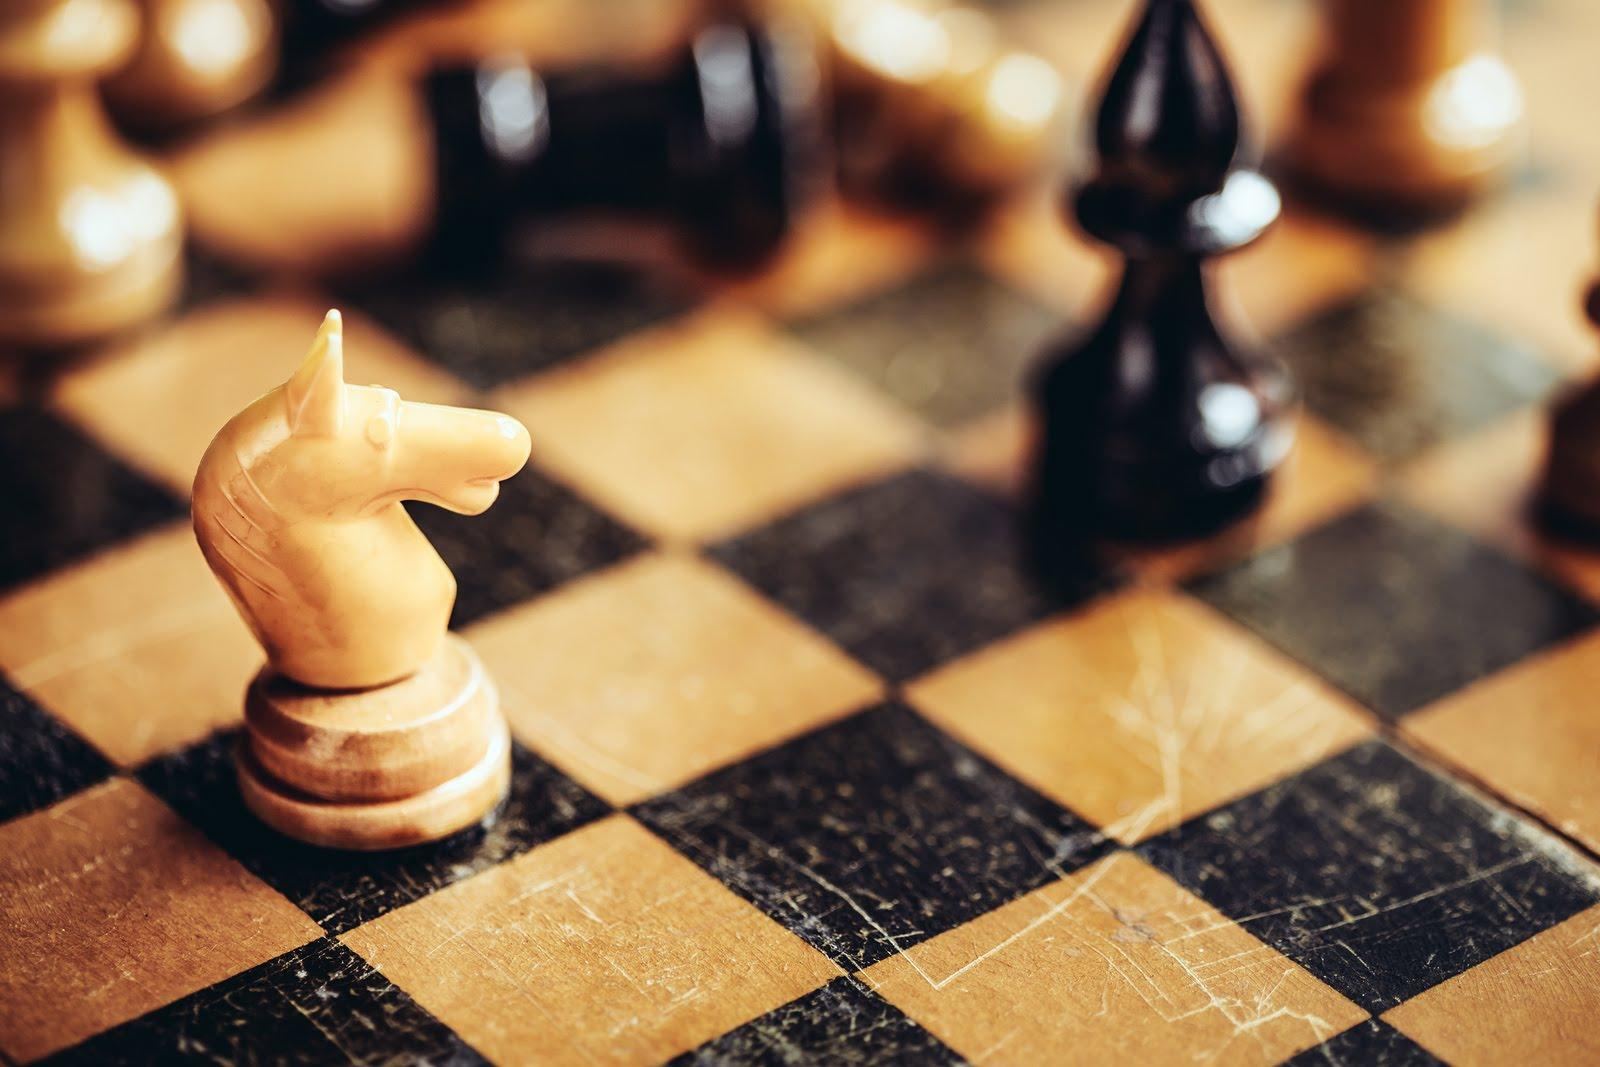 как быстро научиться играть в шахматы термобелье изготовлено синтетических